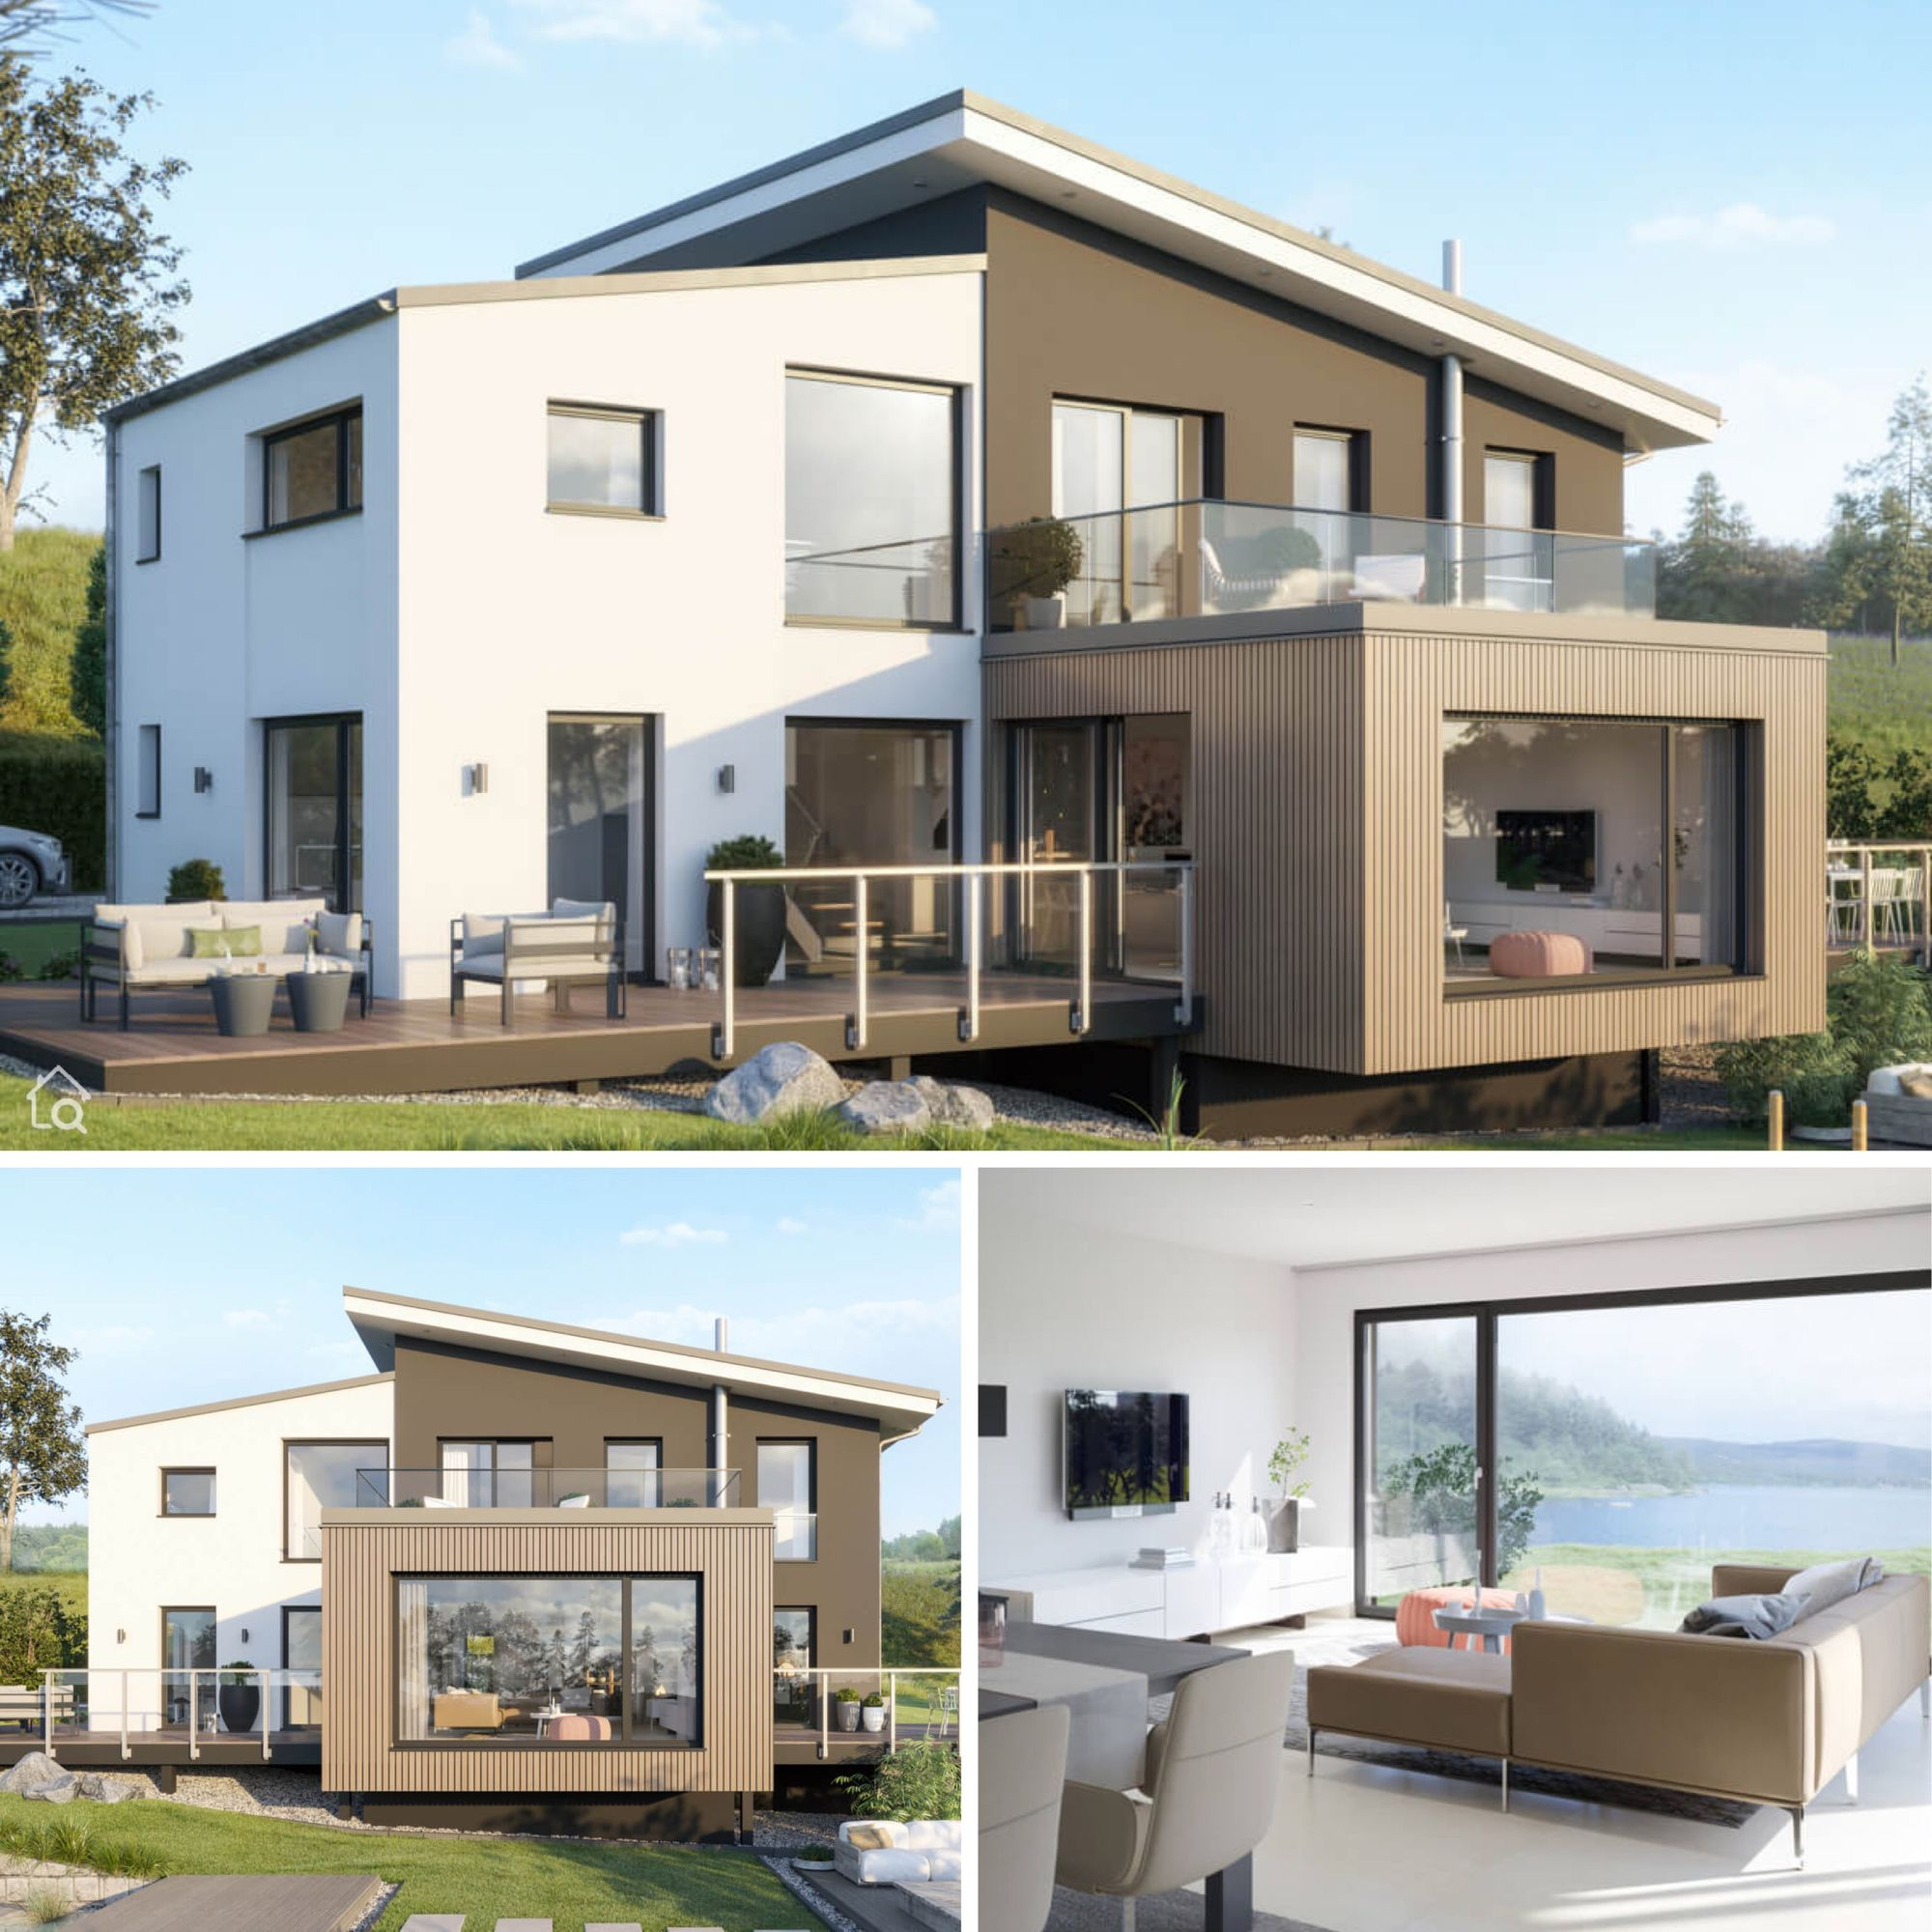 Modernes Fertighaus mit Pultdach, XL Wintergarten Erker